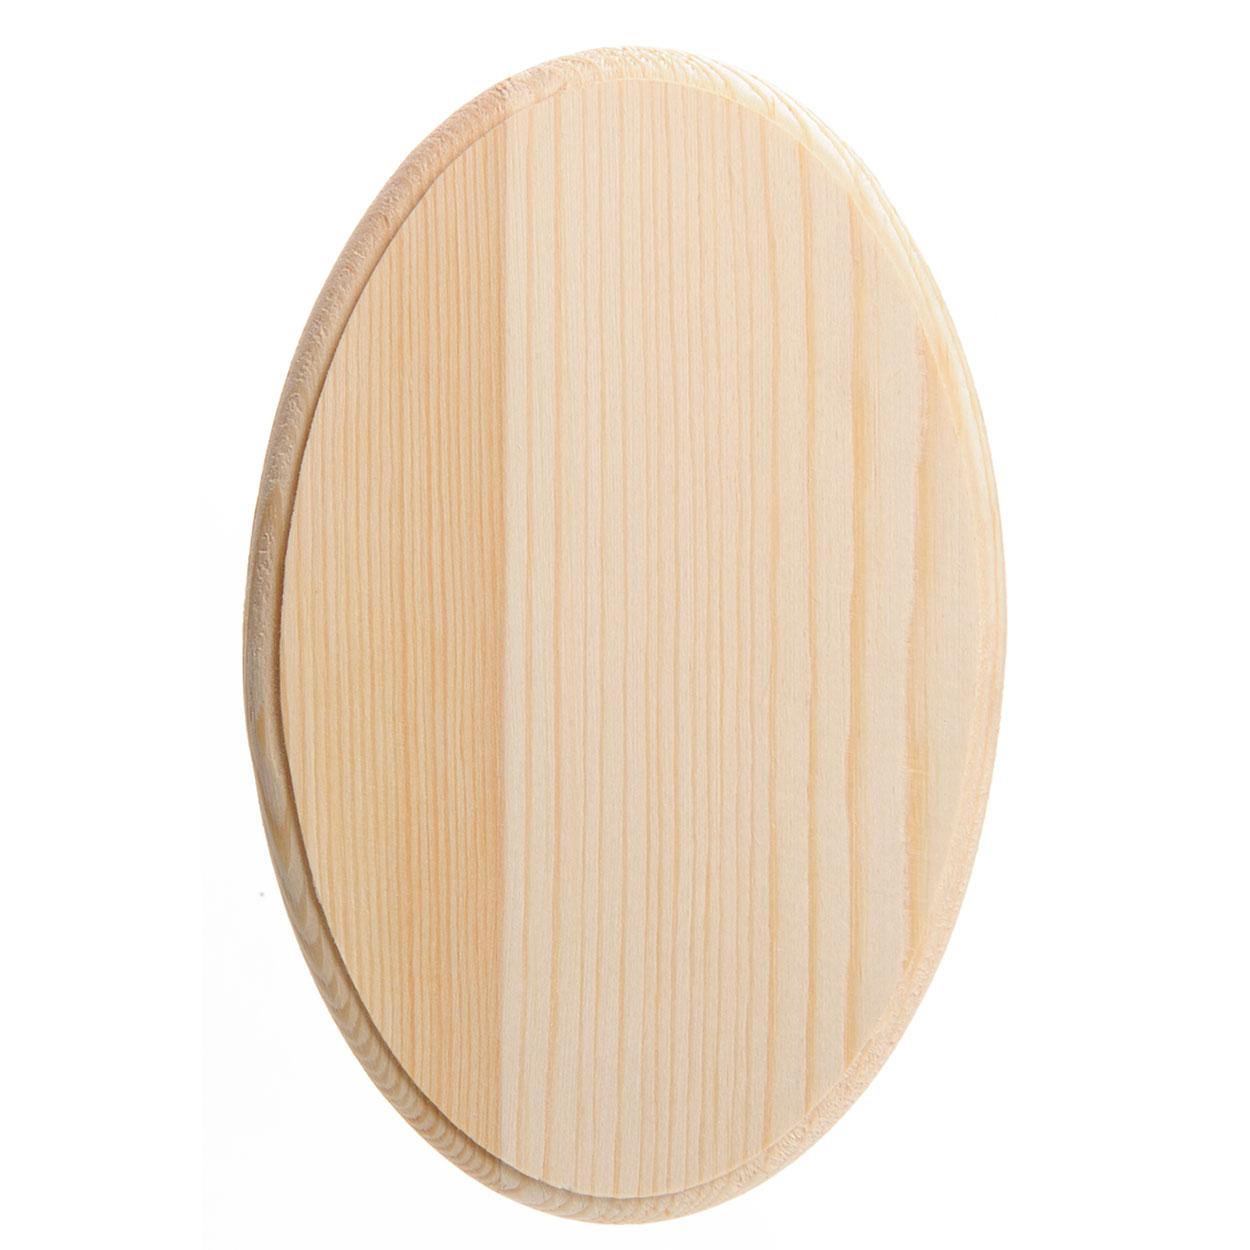 Houten naambord ovaal online kopen - X houten ...